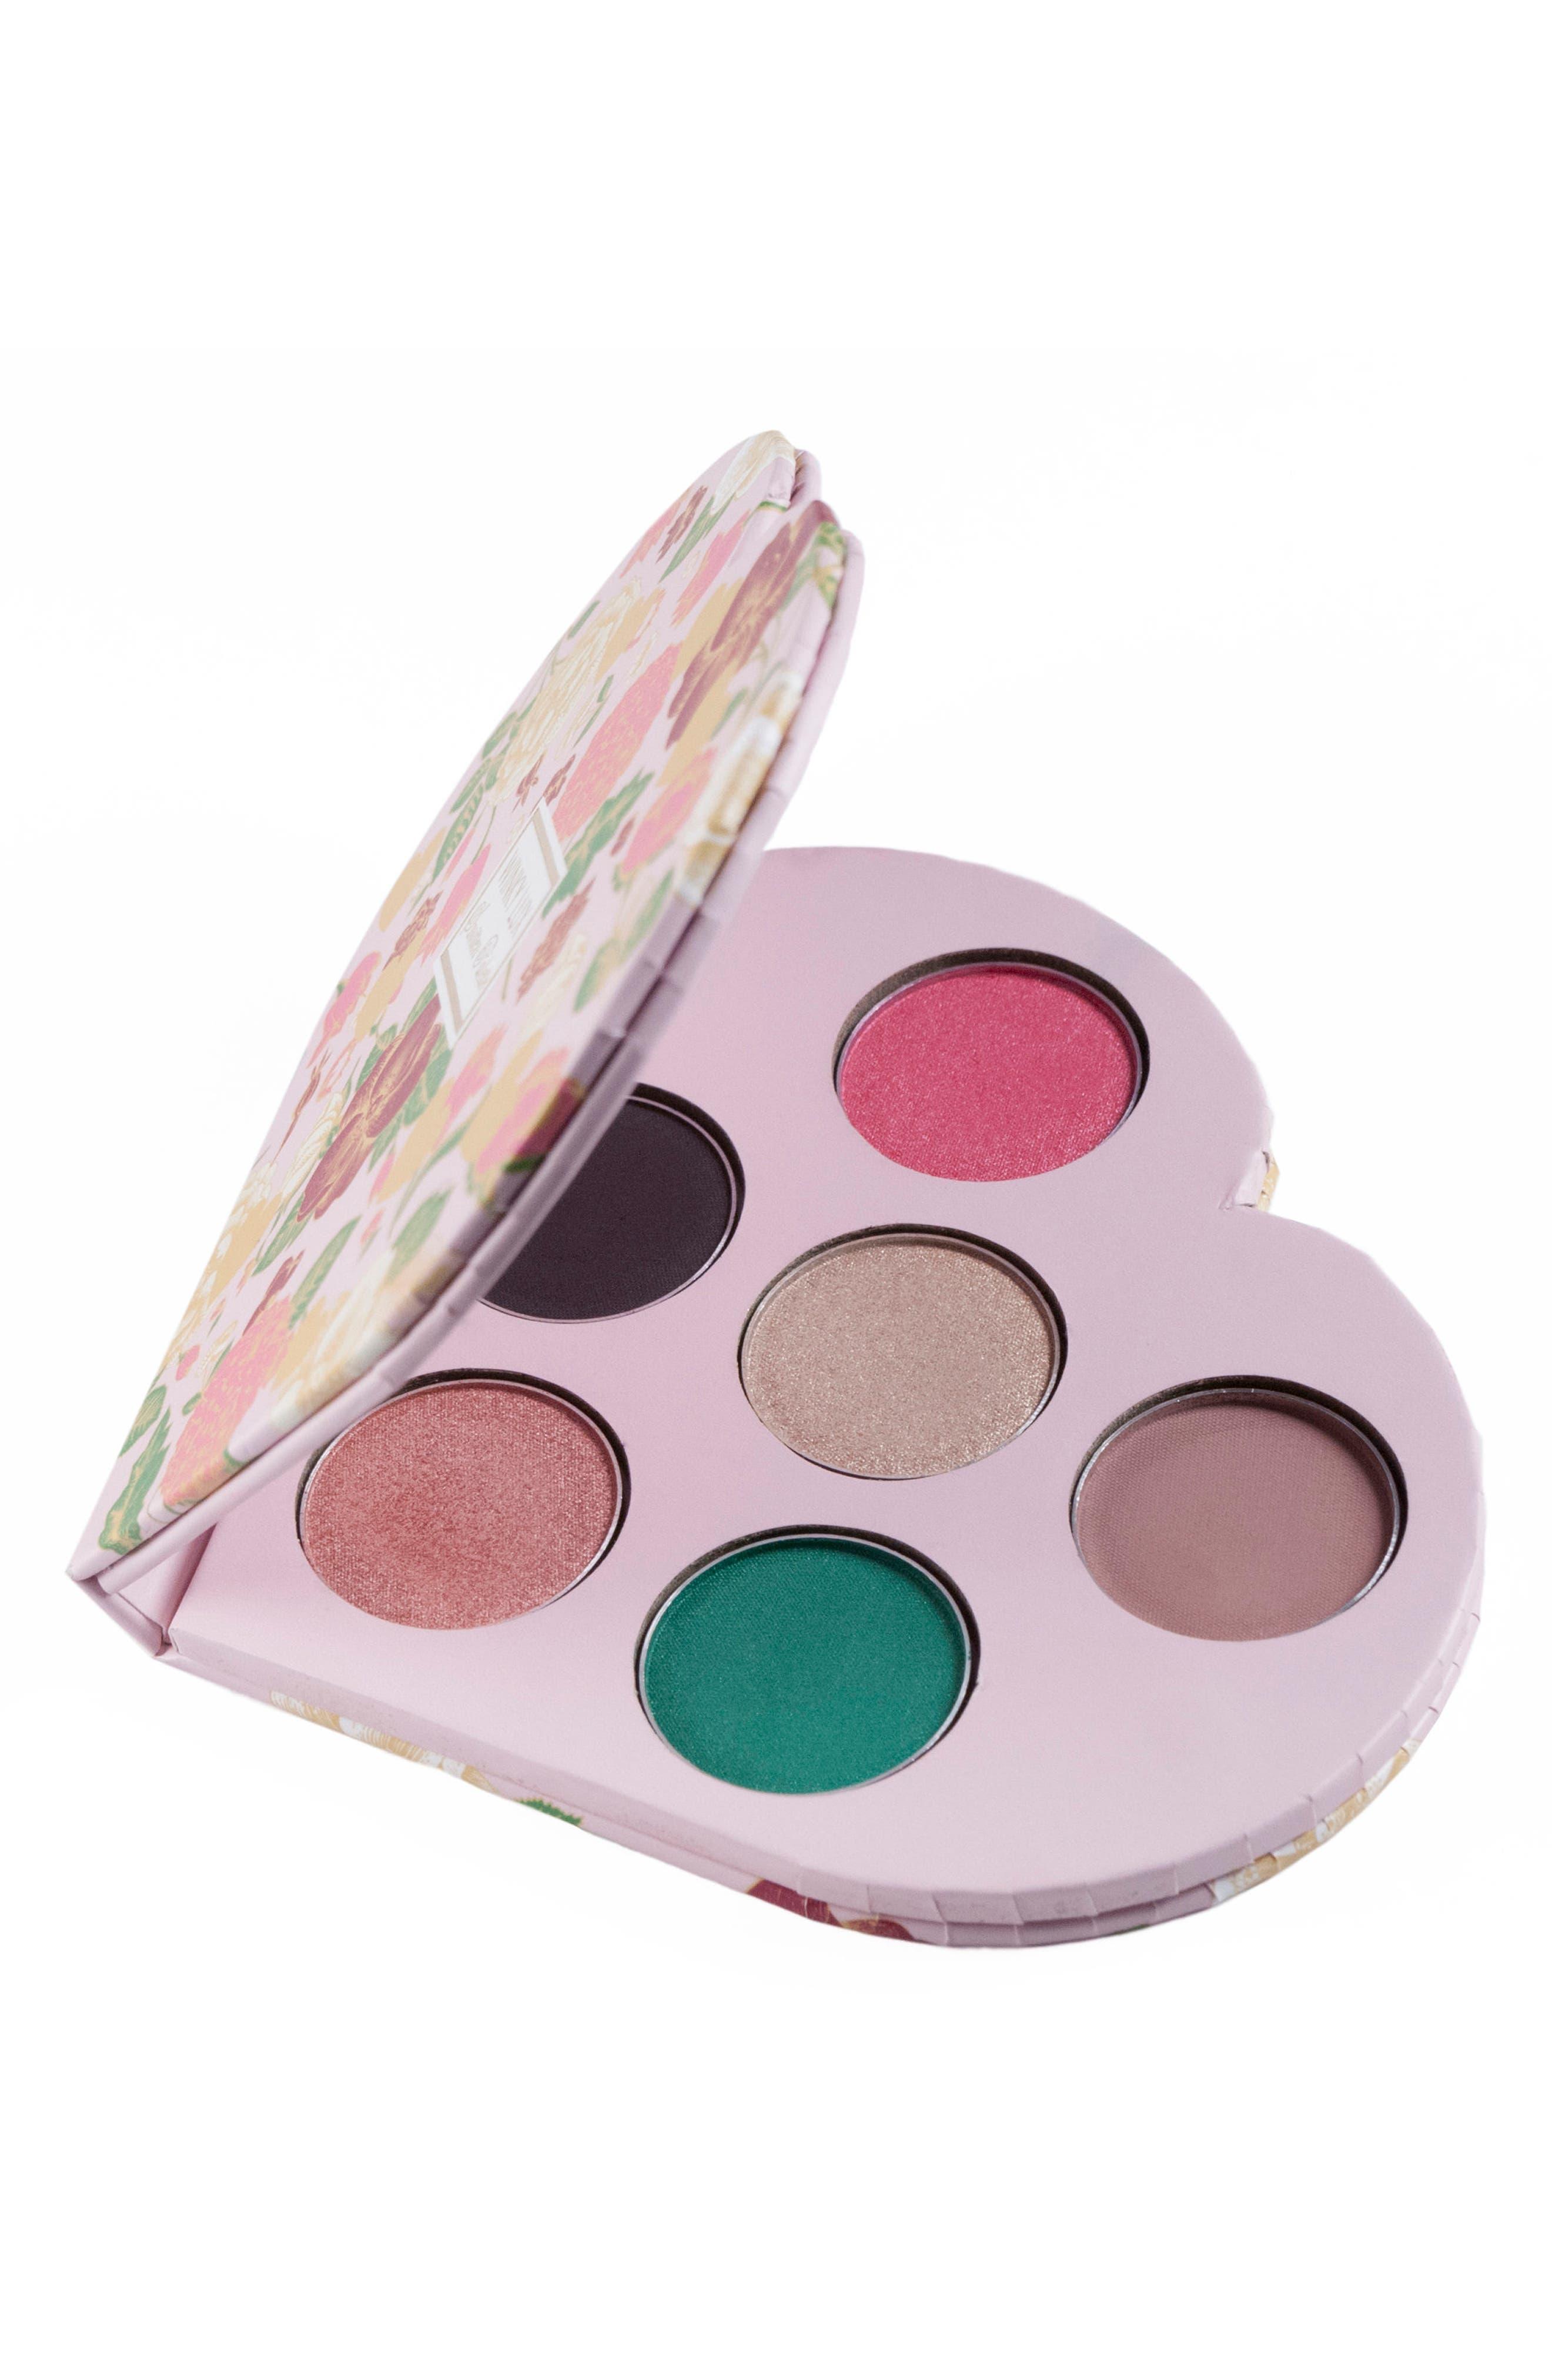 Winky Lux Smitten Heart Eyeshadow Palette